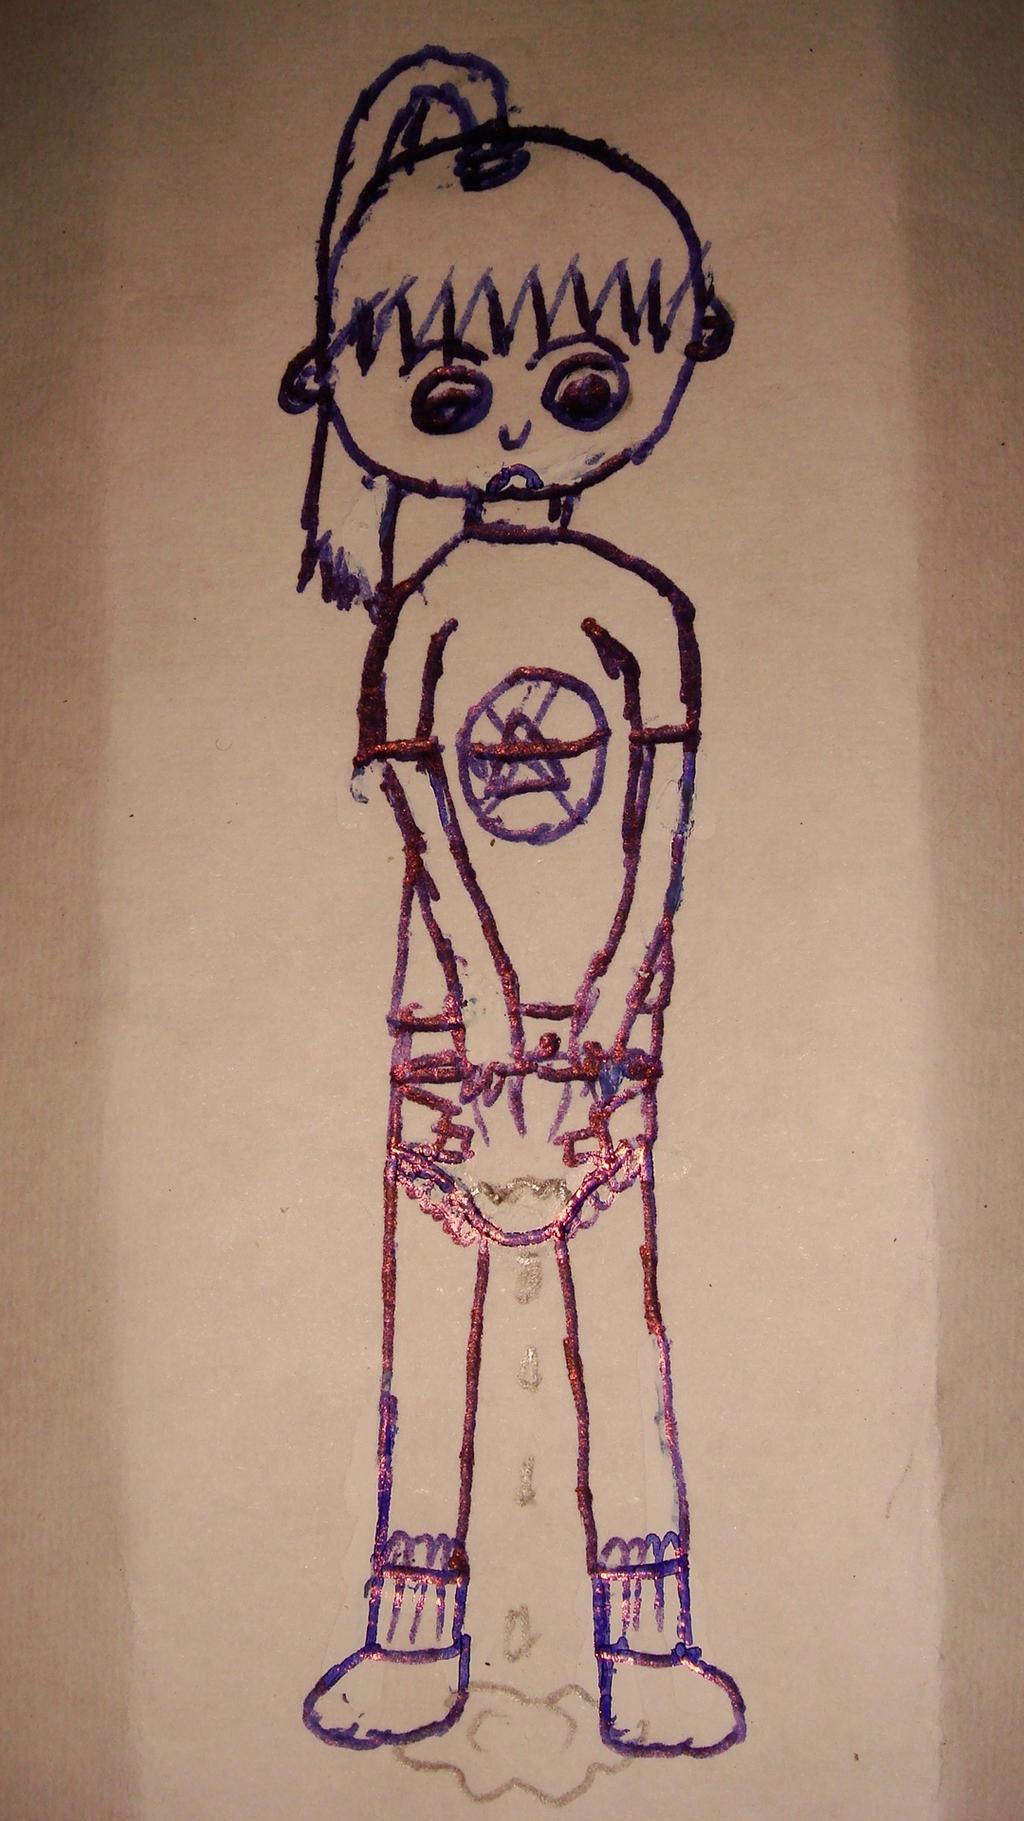 DefaultDrawings Diaper Teen Anime Girl Drawings 10 By